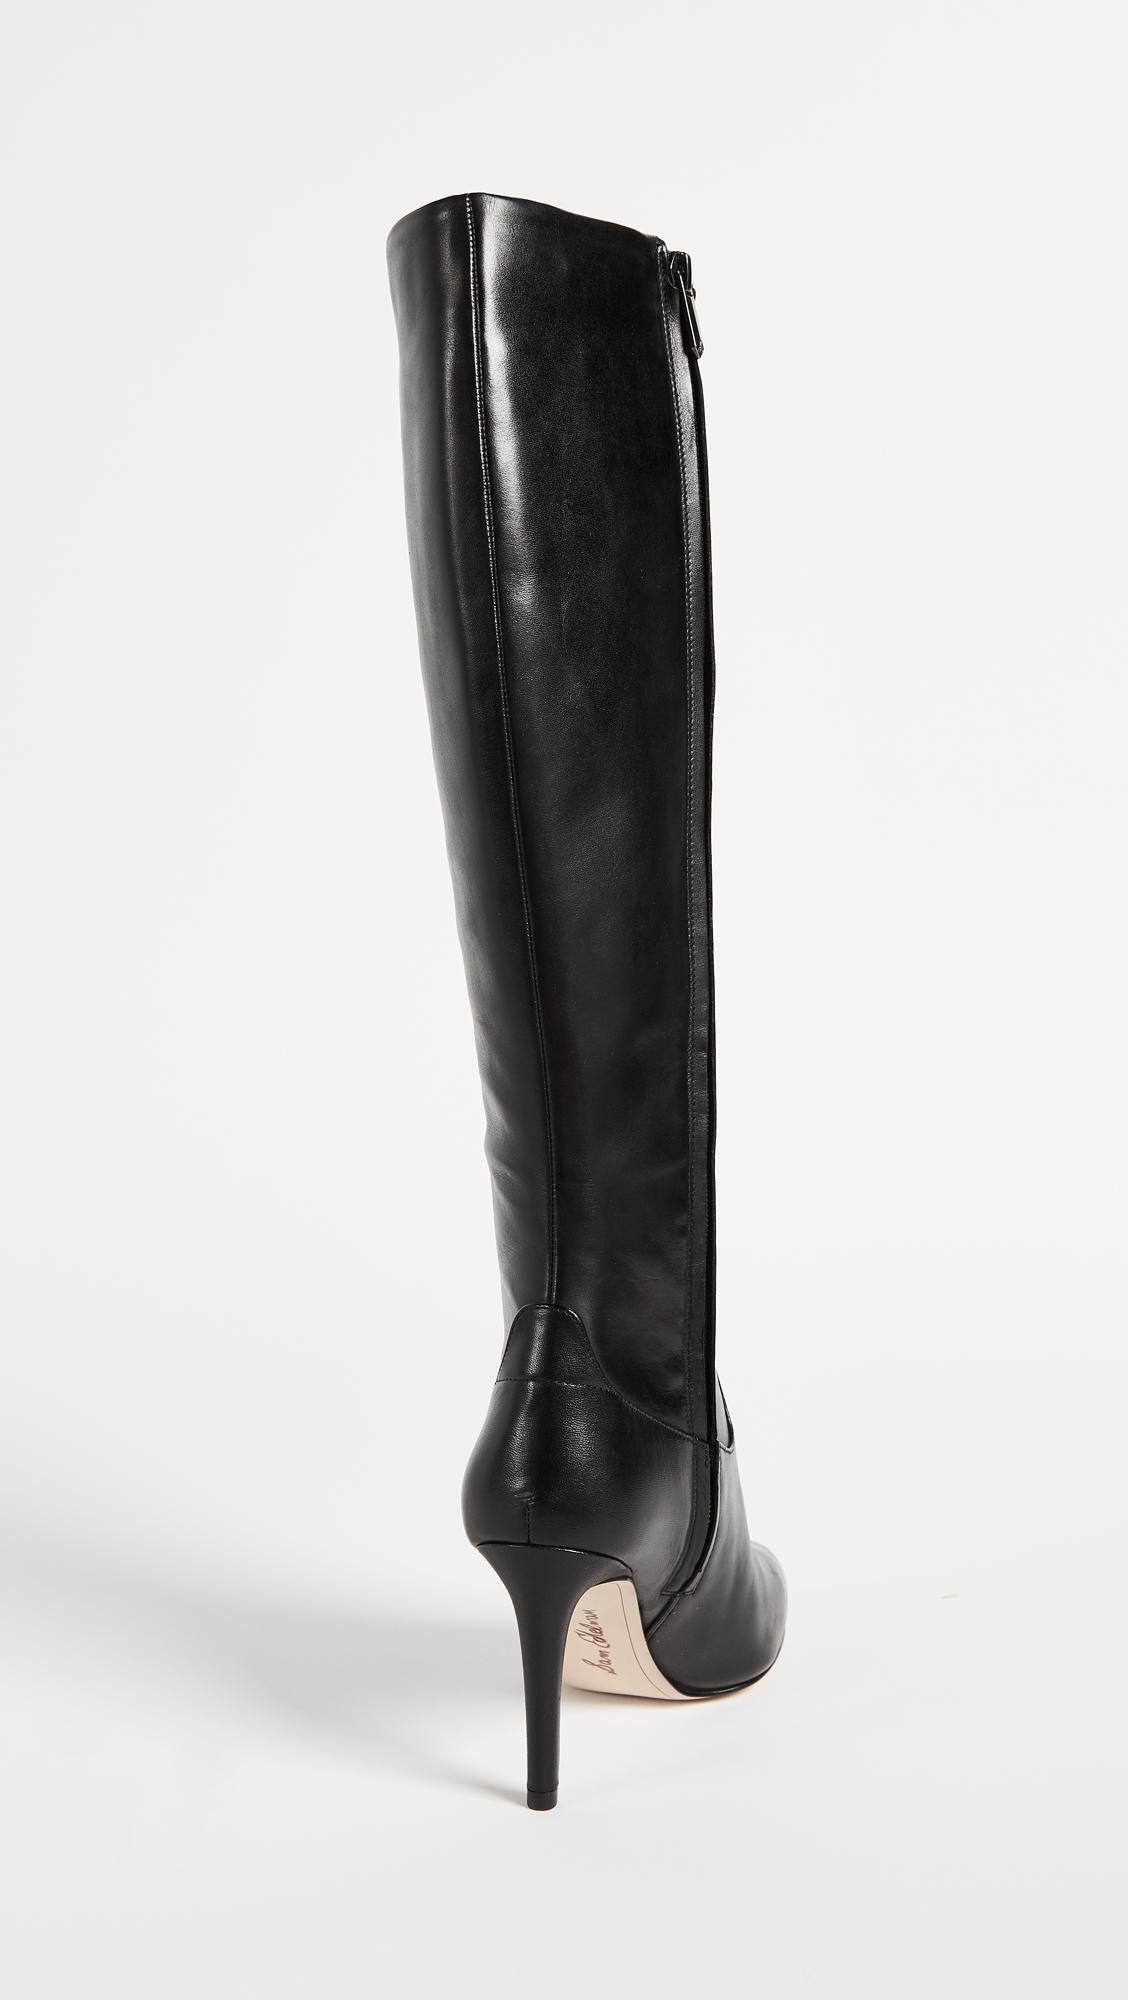 01b2f6921 Sam Edelman Olencia Tall Boots